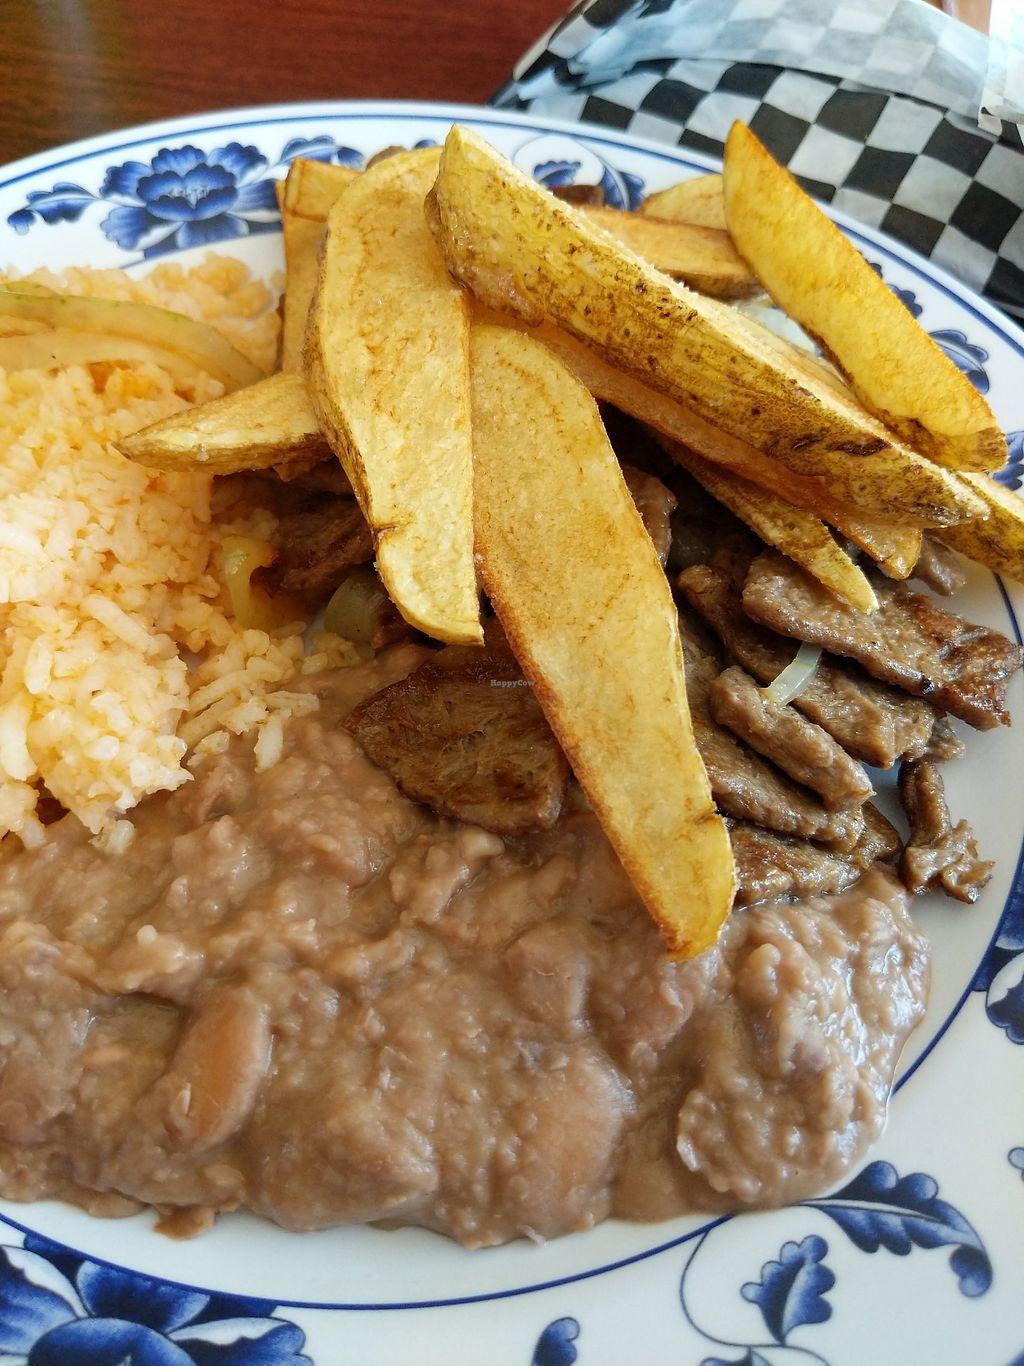 Vegan by El Zamorano - Costa Mesa California Restaurant - HappyCow